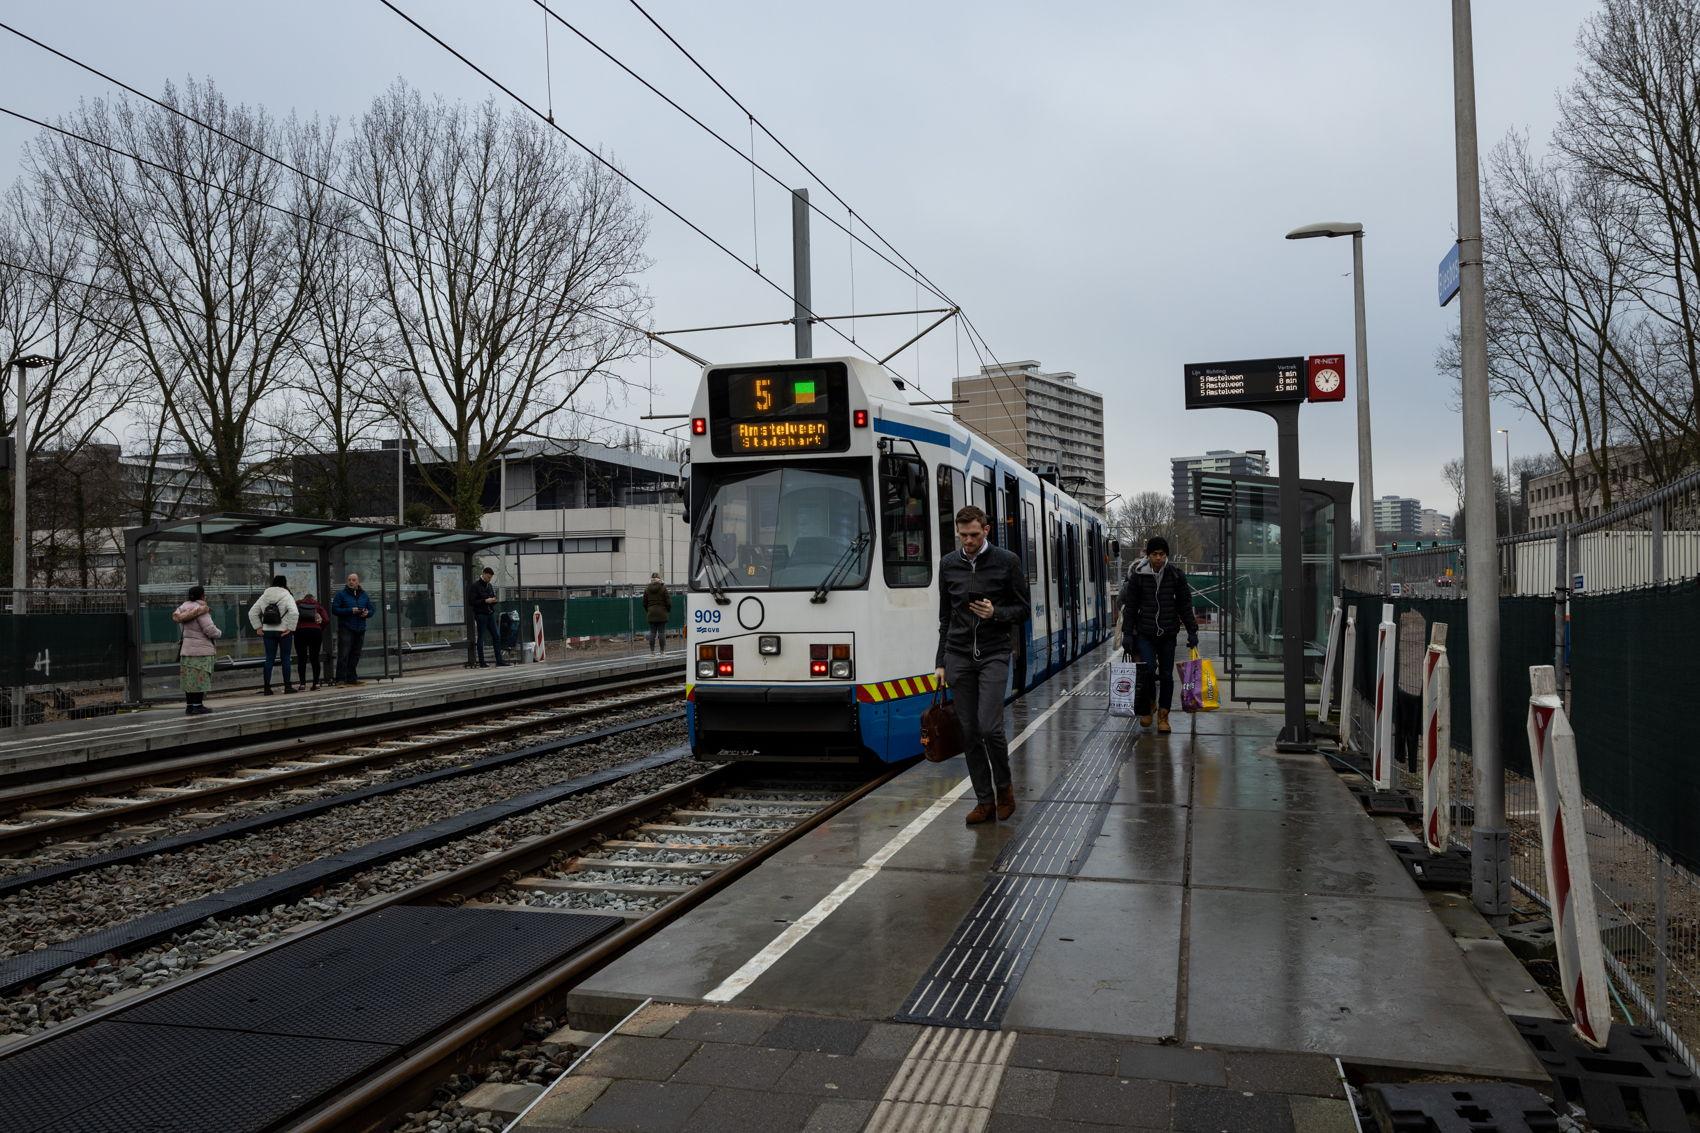 De tijdelijke halte Biesbosch is tot en met 9 maart nog in gebruik. Deze halte vervalt zodra op maandag 9 maart de nieuwe halte Kronenburg open gaat.